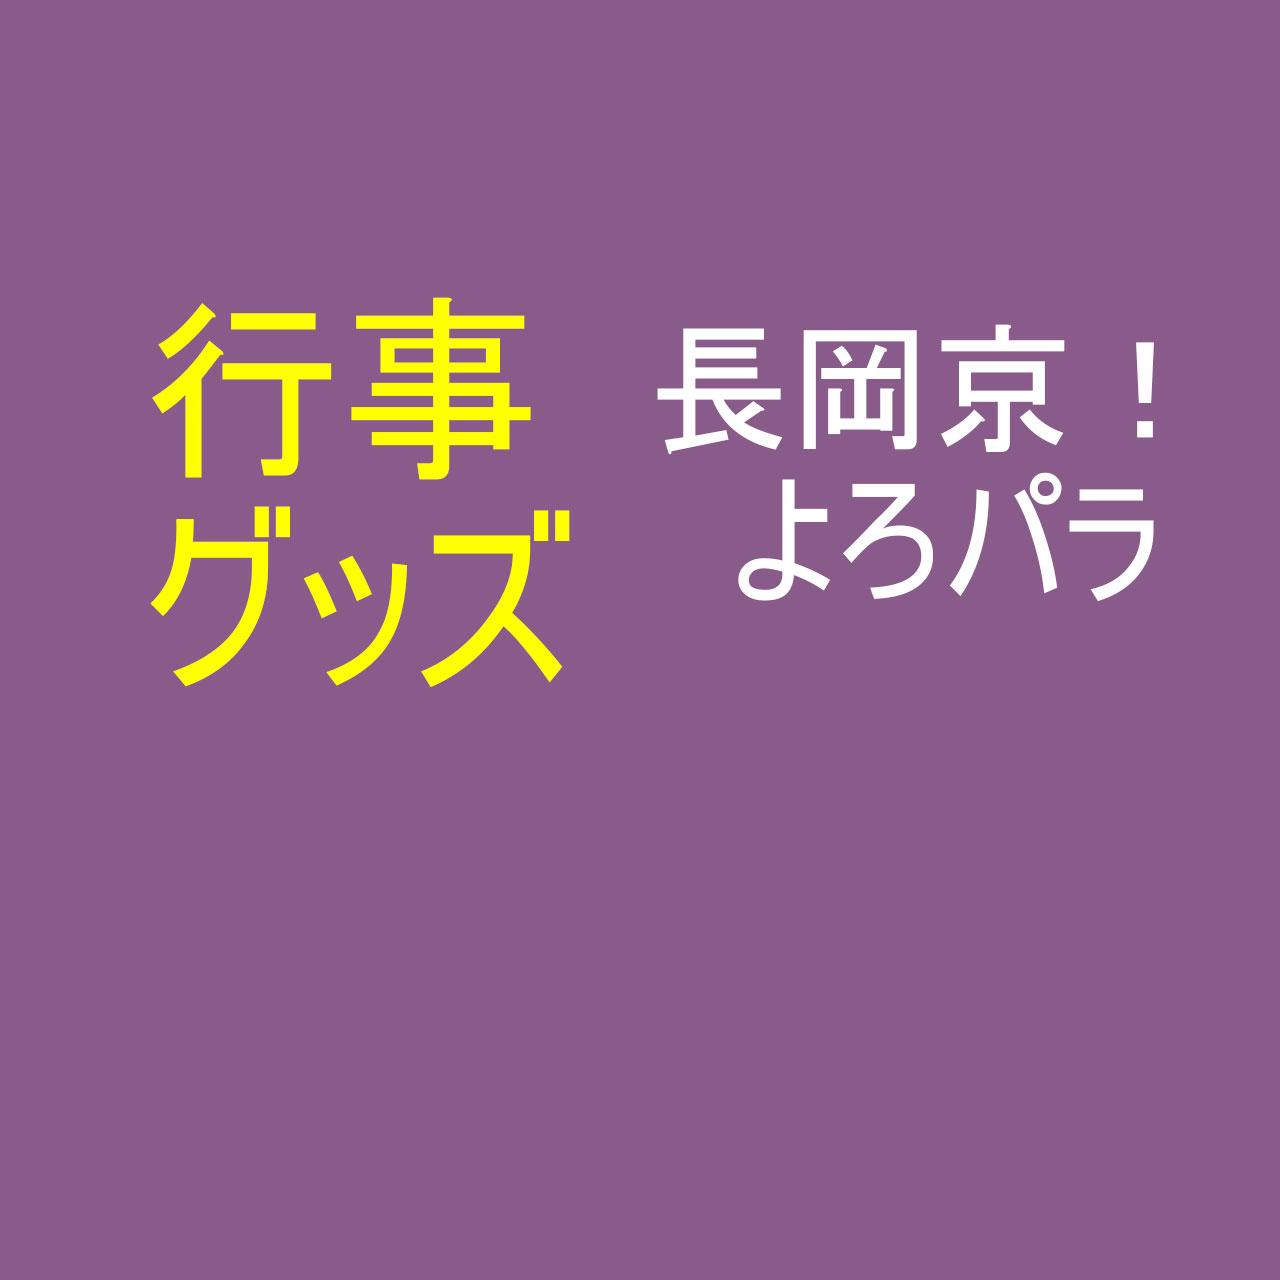 長岡京 行事グッズ